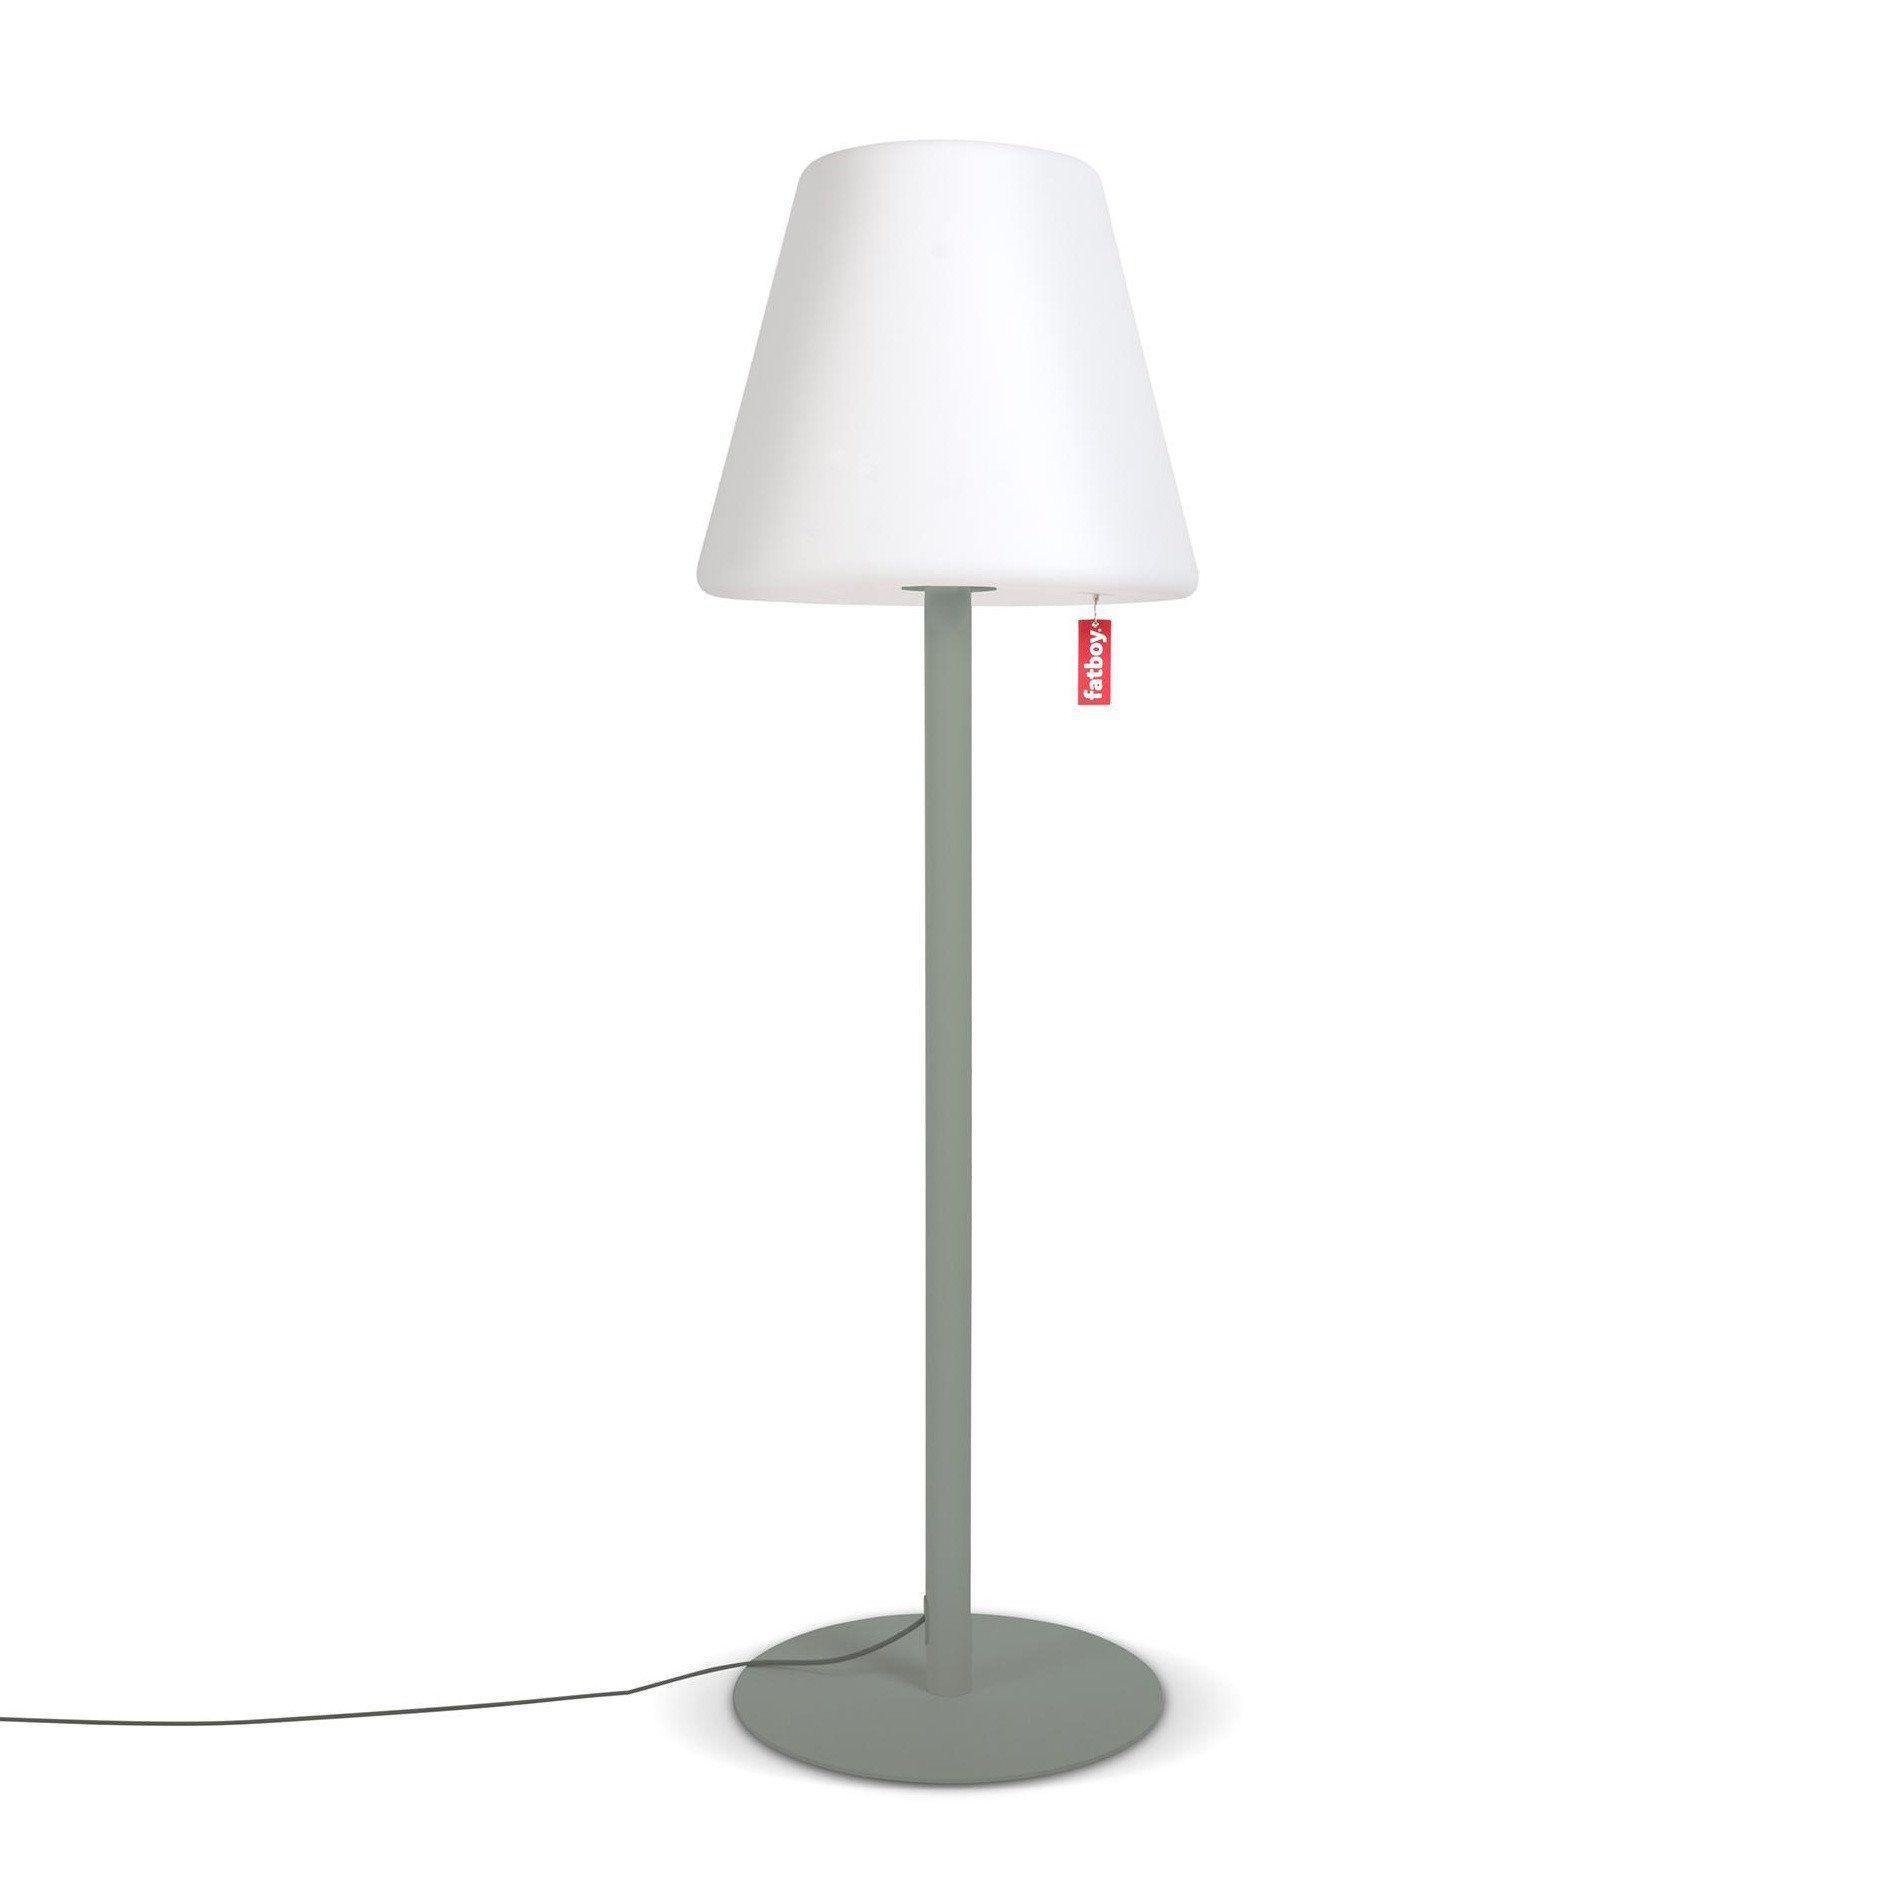 Gewaltig Fatboy Petit Referenz Von - Edison The Giant Floor Lamp